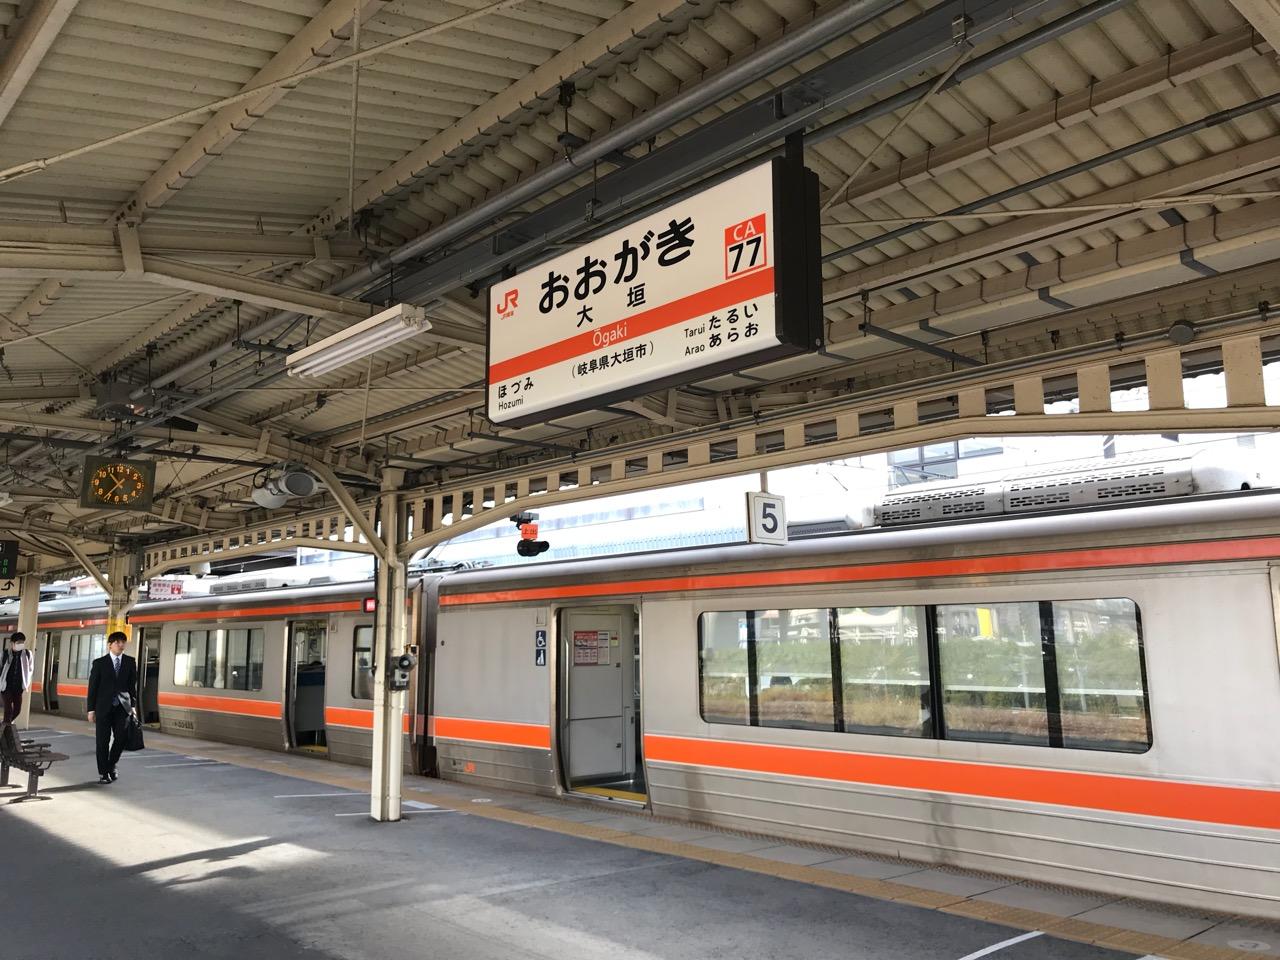 名古屋から京都へ。普通列車を乗り継いで青春18きっぷの下見!平日昼の話。